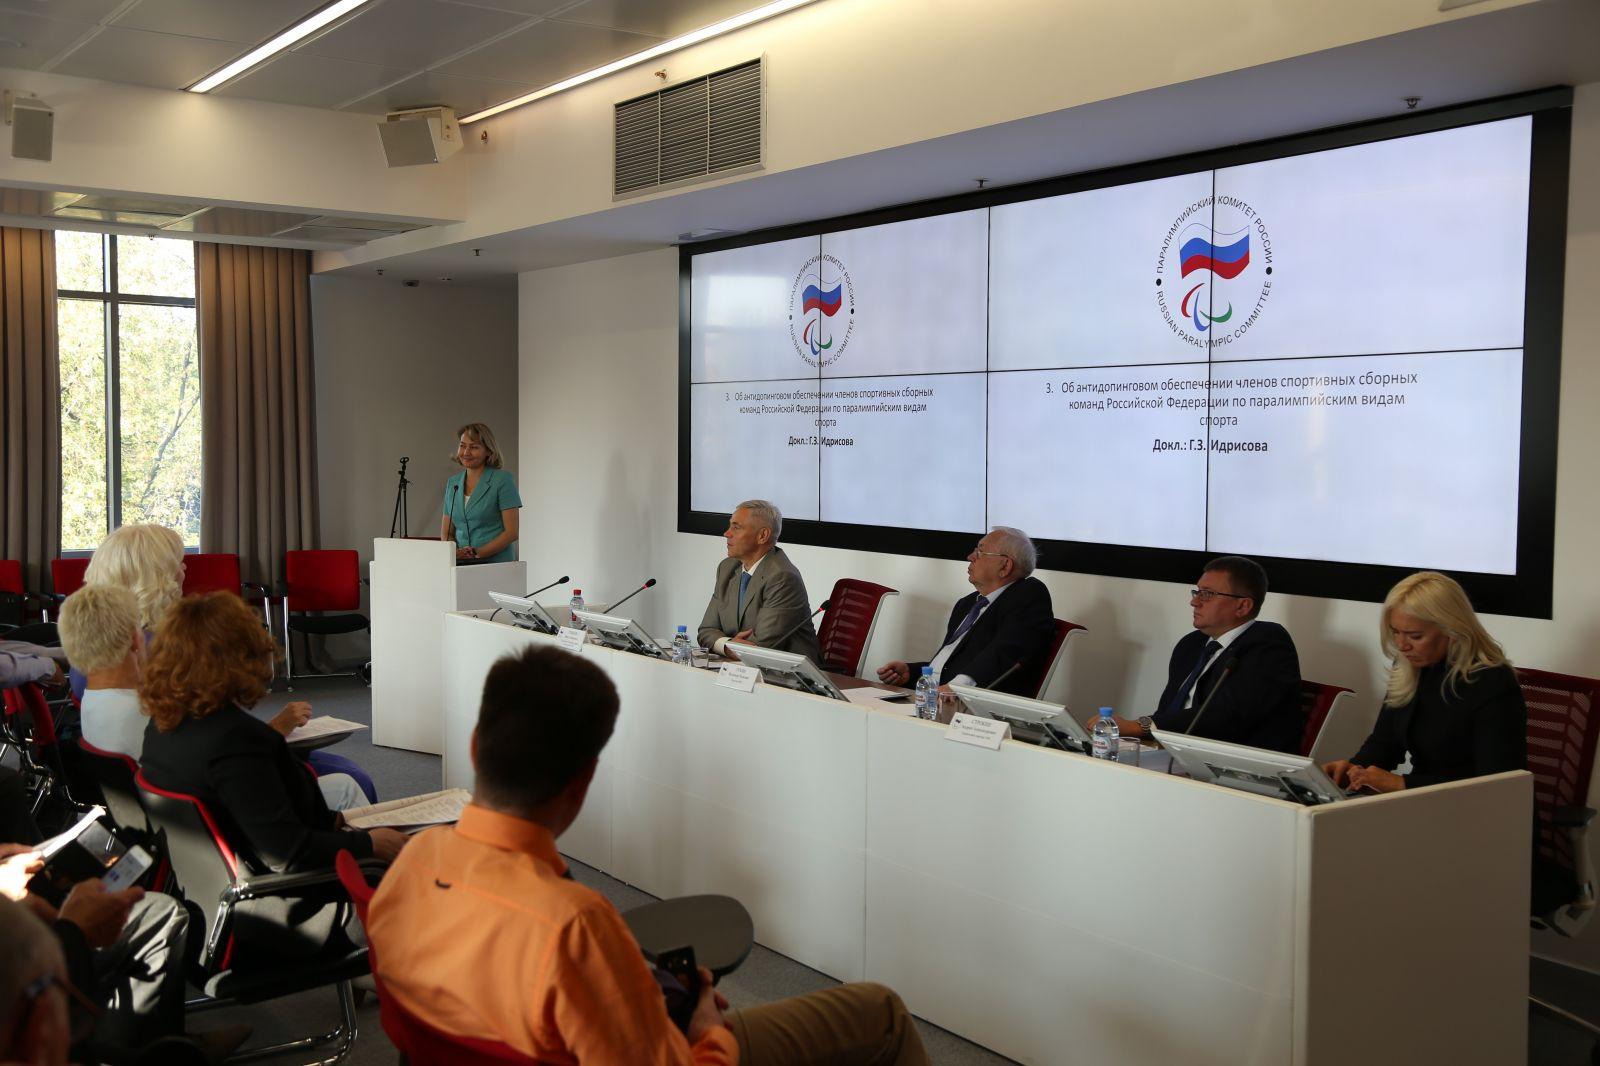 В г. Москве президент ПКР В.П. Лукин провел заседание Исполкома ПКР